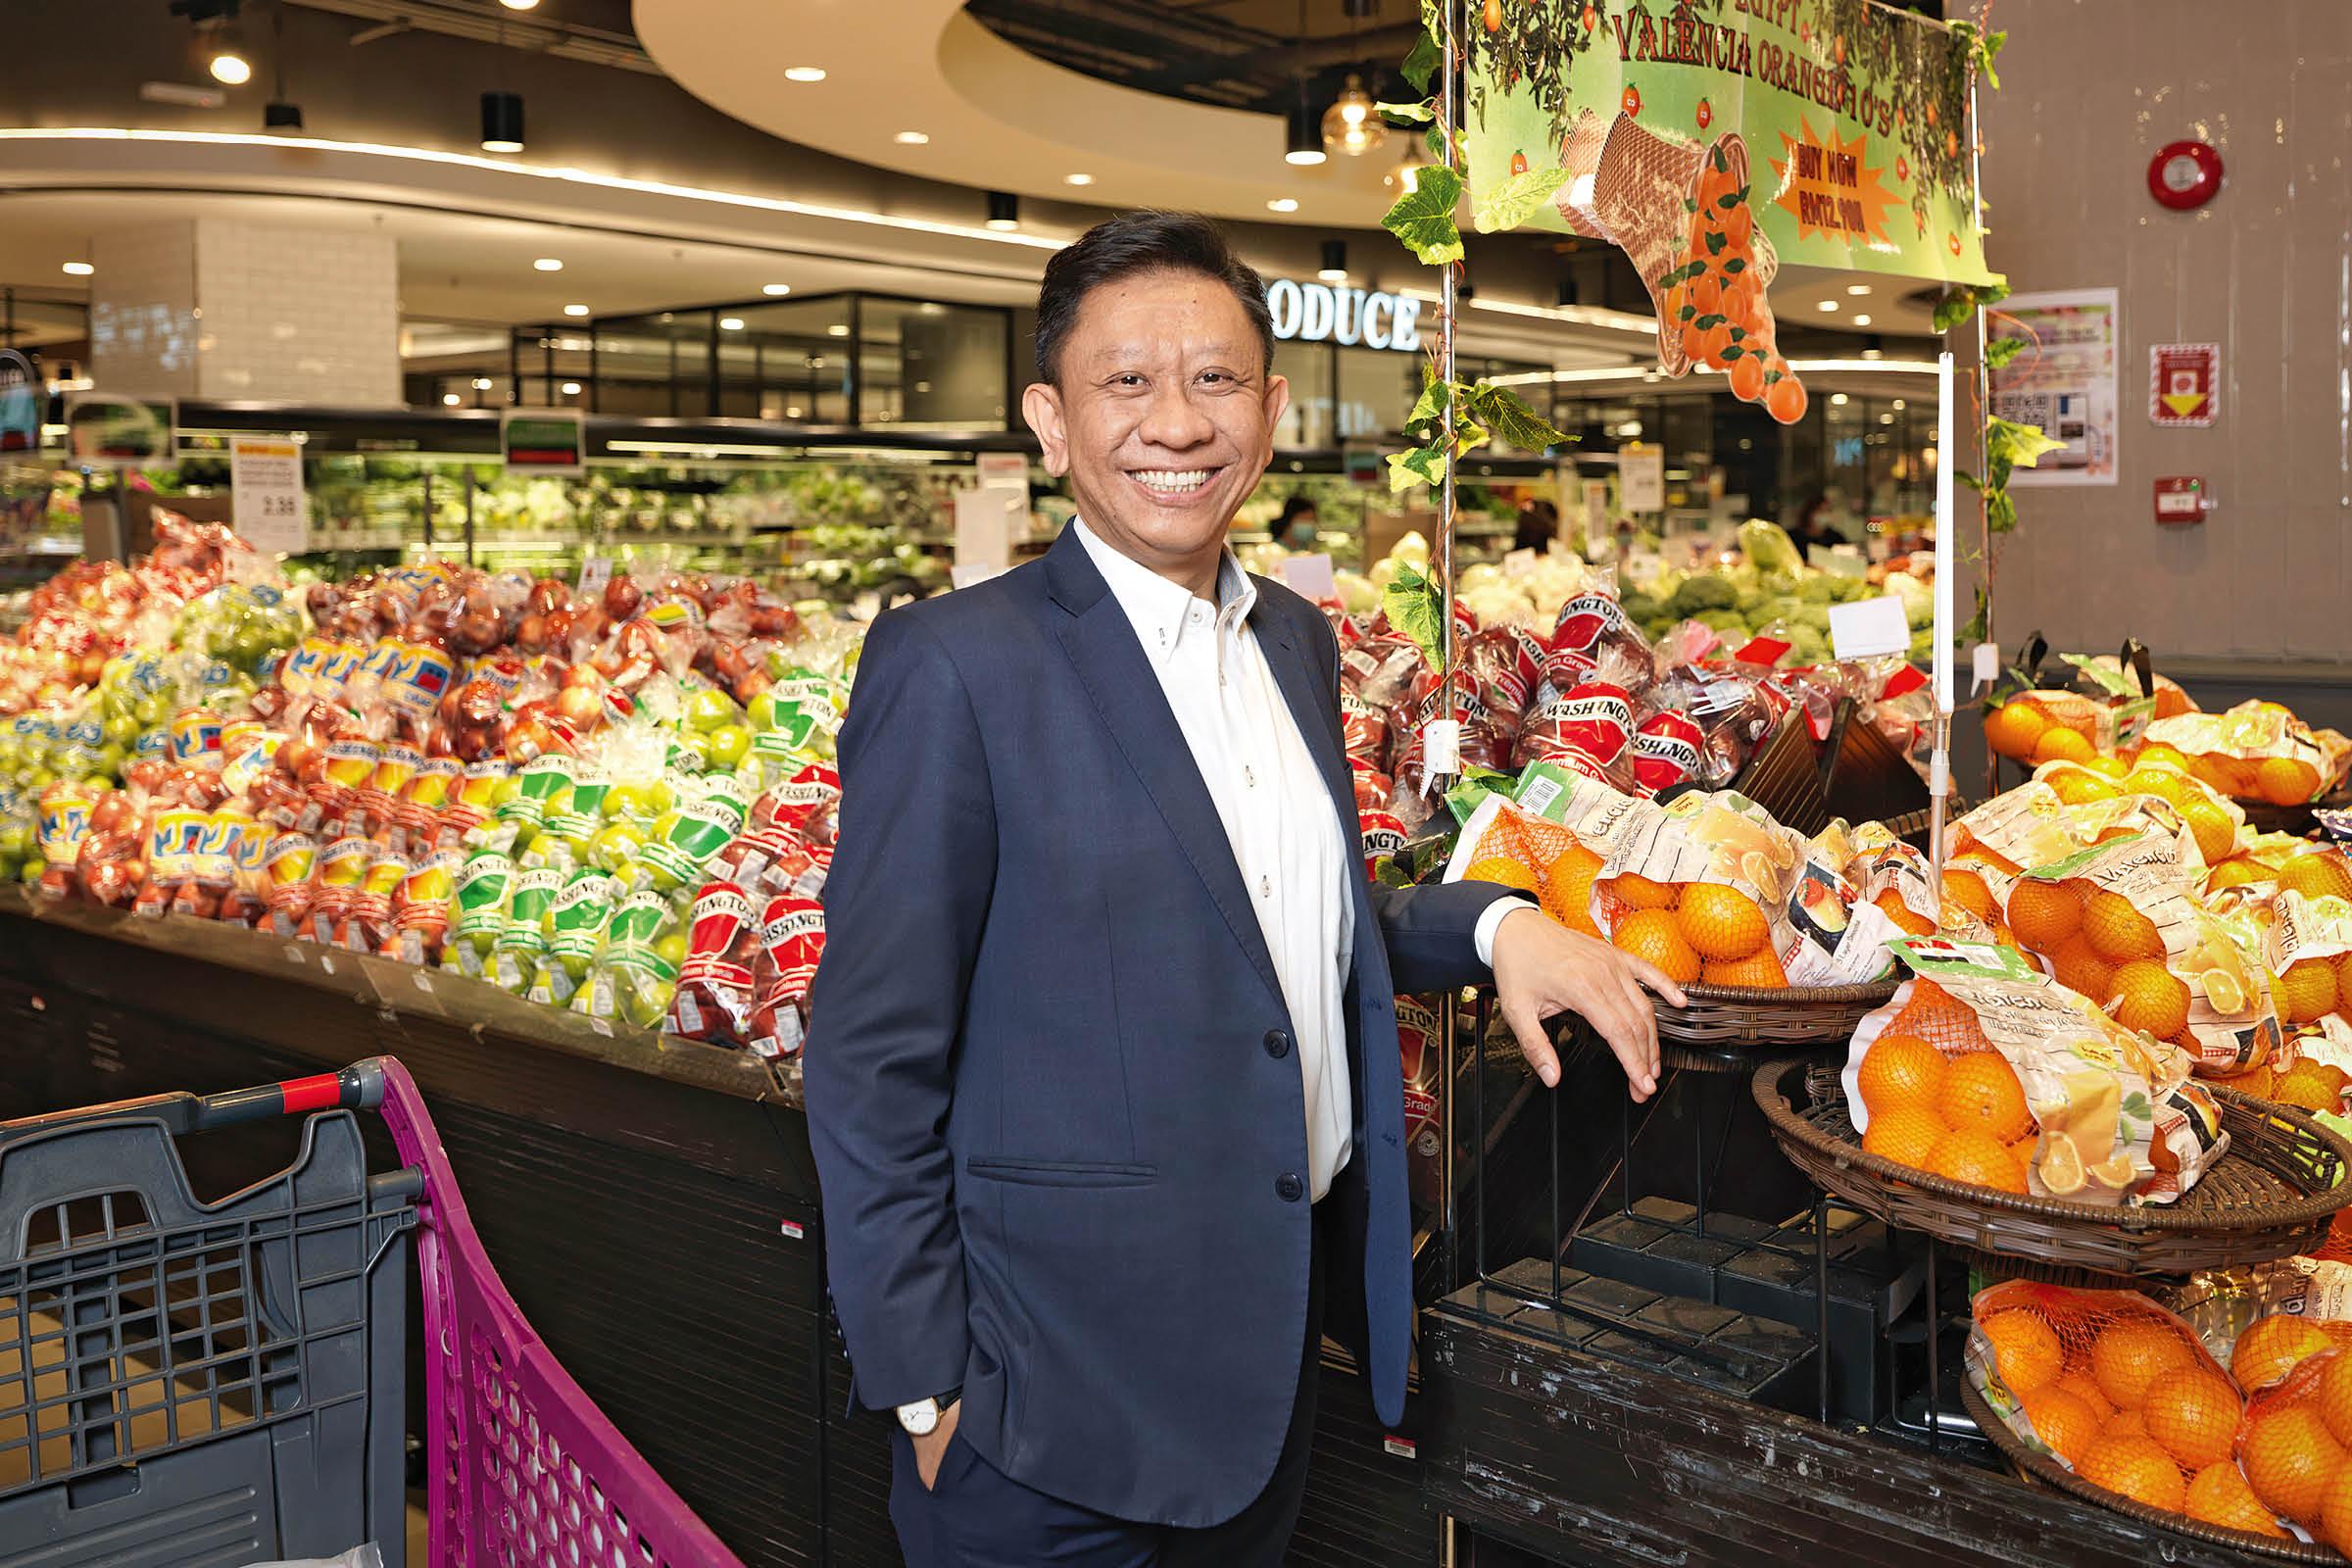 Shafie Shamsuddin, CEO of Aeon Malaysia